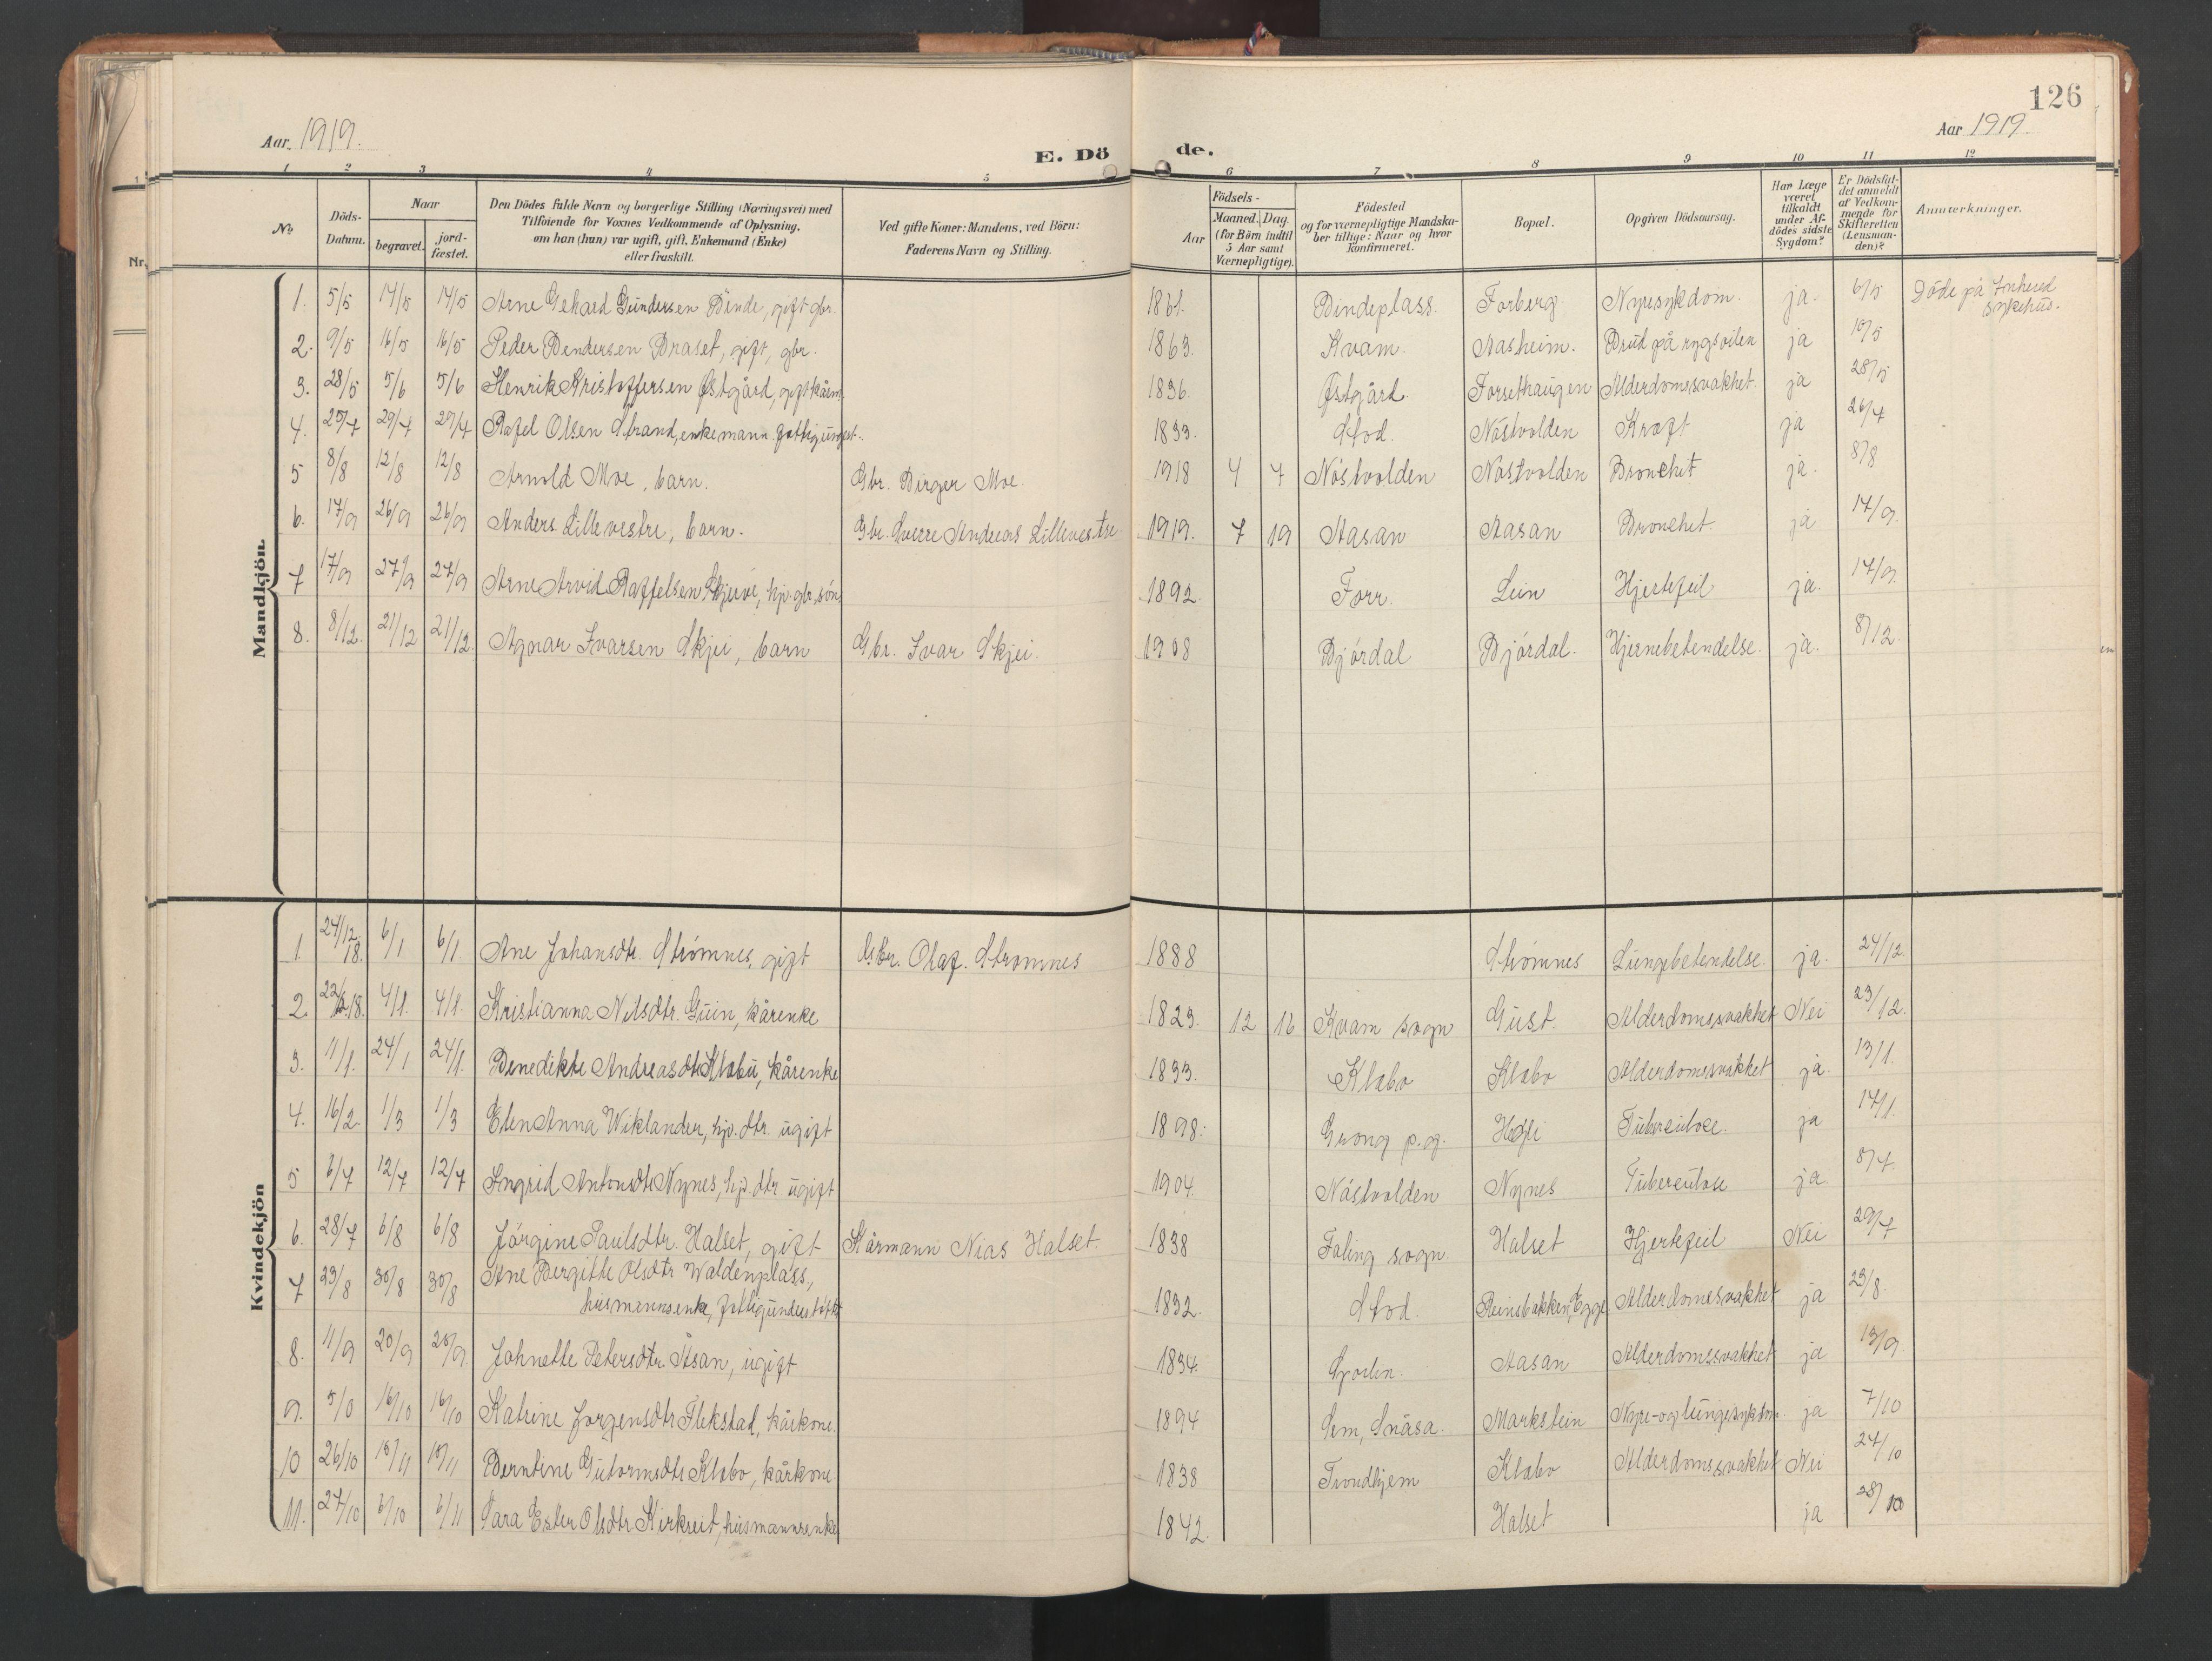 SAT, Ministerialprotokoller, klokkerbøker og fødselsregistre - Nord-Trøndelag, 746/L0455: Klokkerbok nr. 746C01, 1908-1933, s. 126